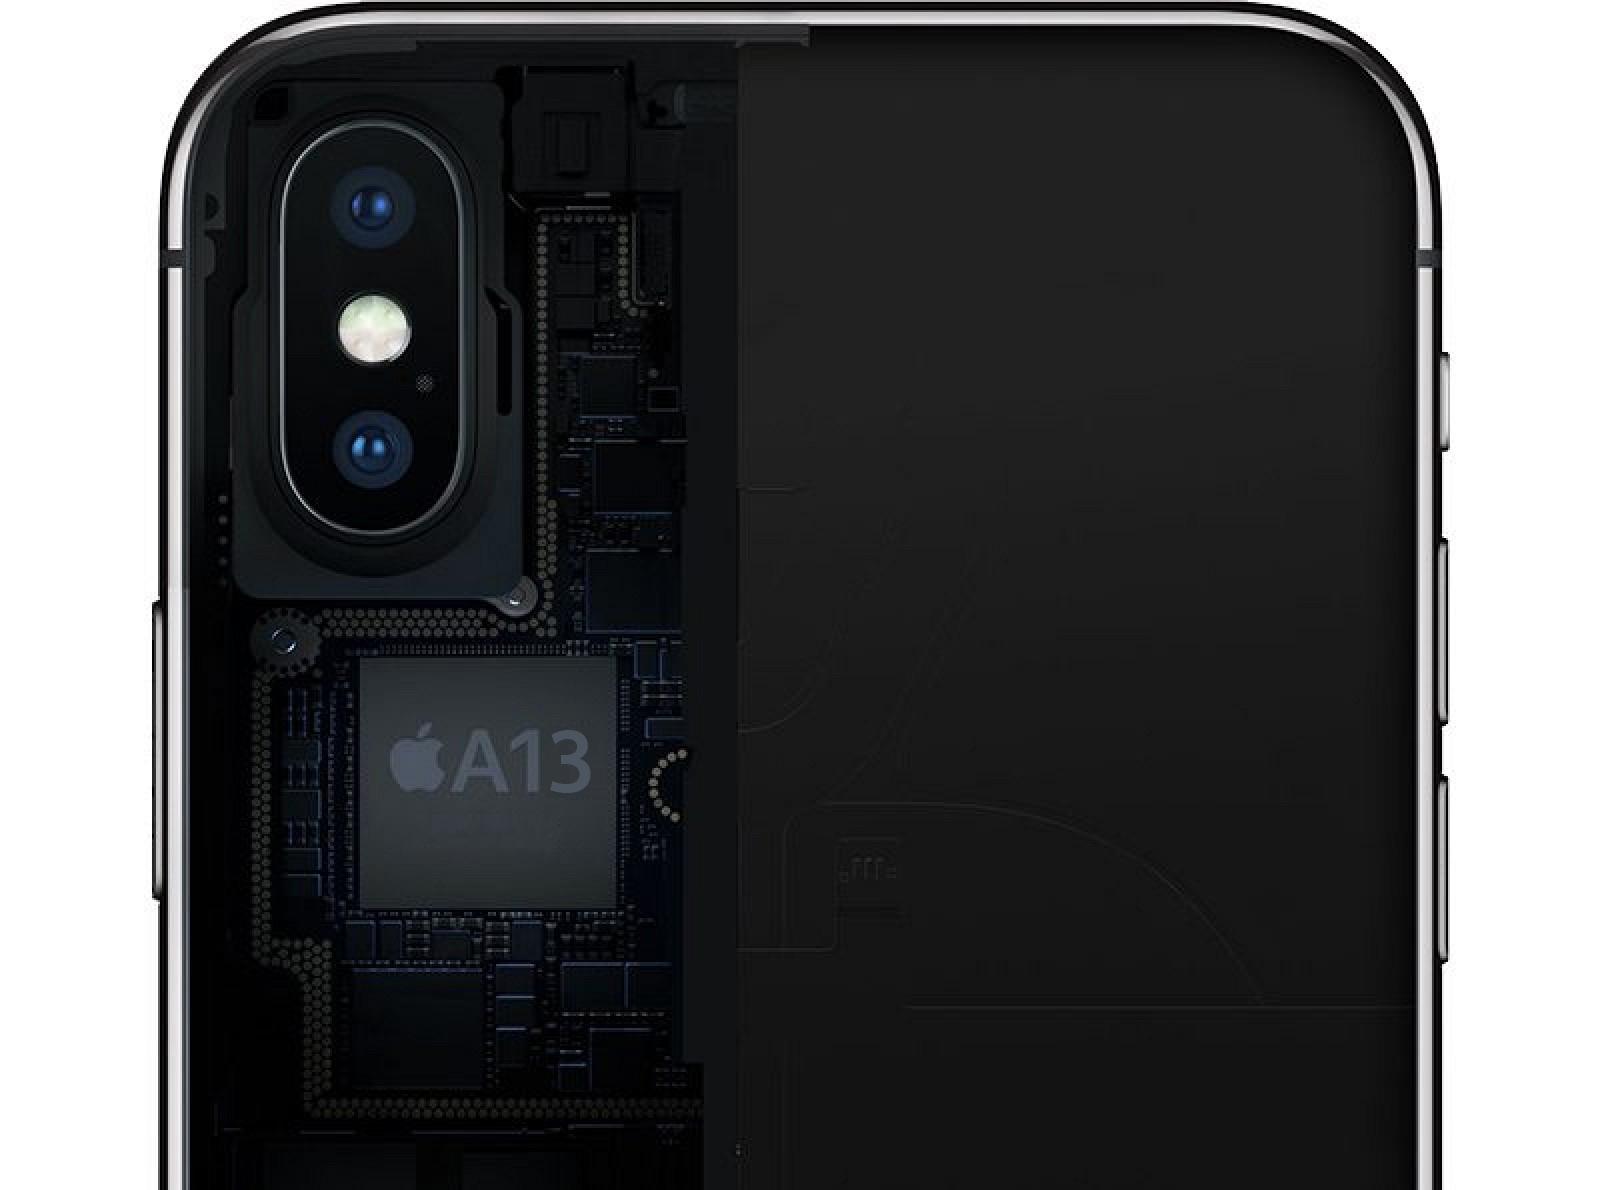 SoC A13 en un iPhone X